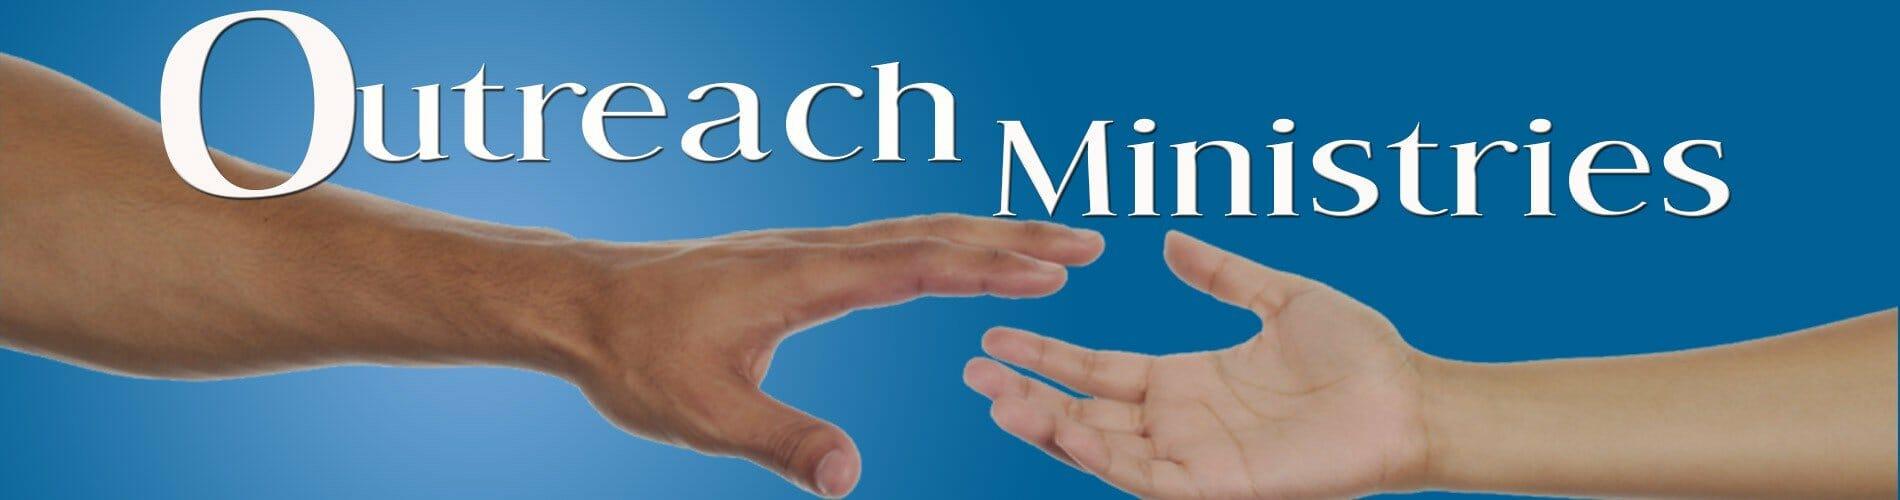 Outreach-ministries_1